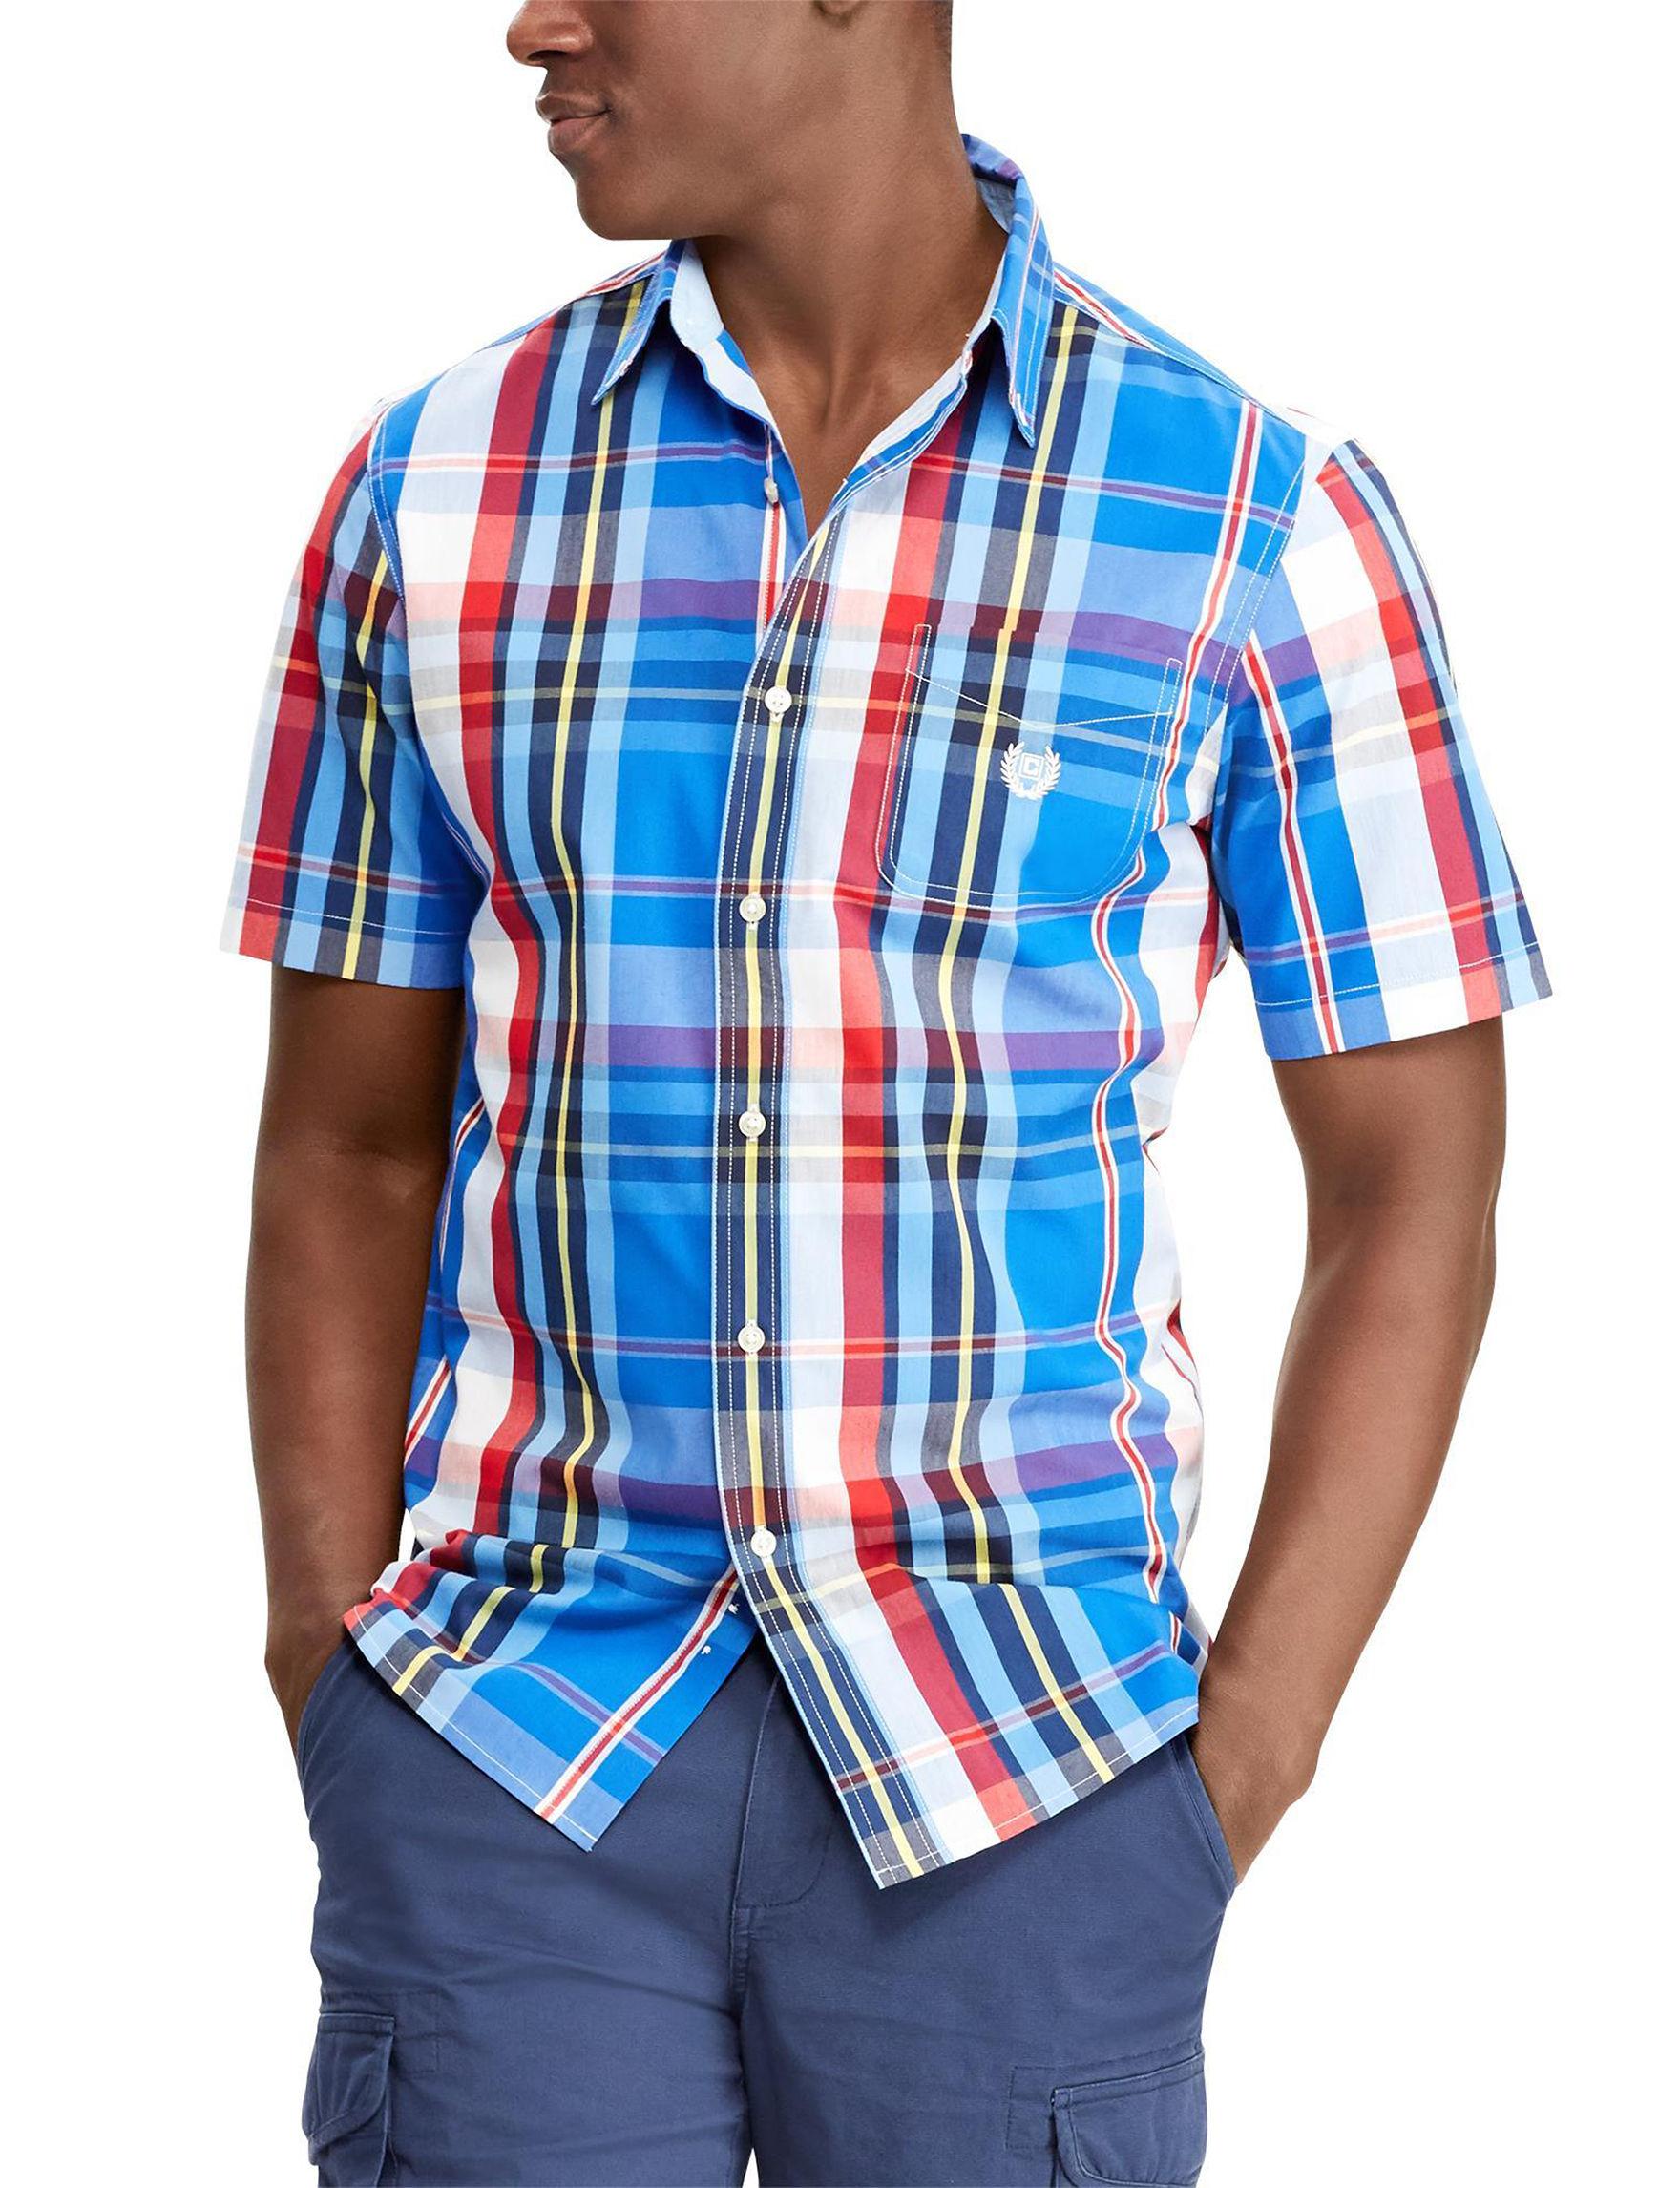 Chaps Blue Plaid Casual Button Down Shirts